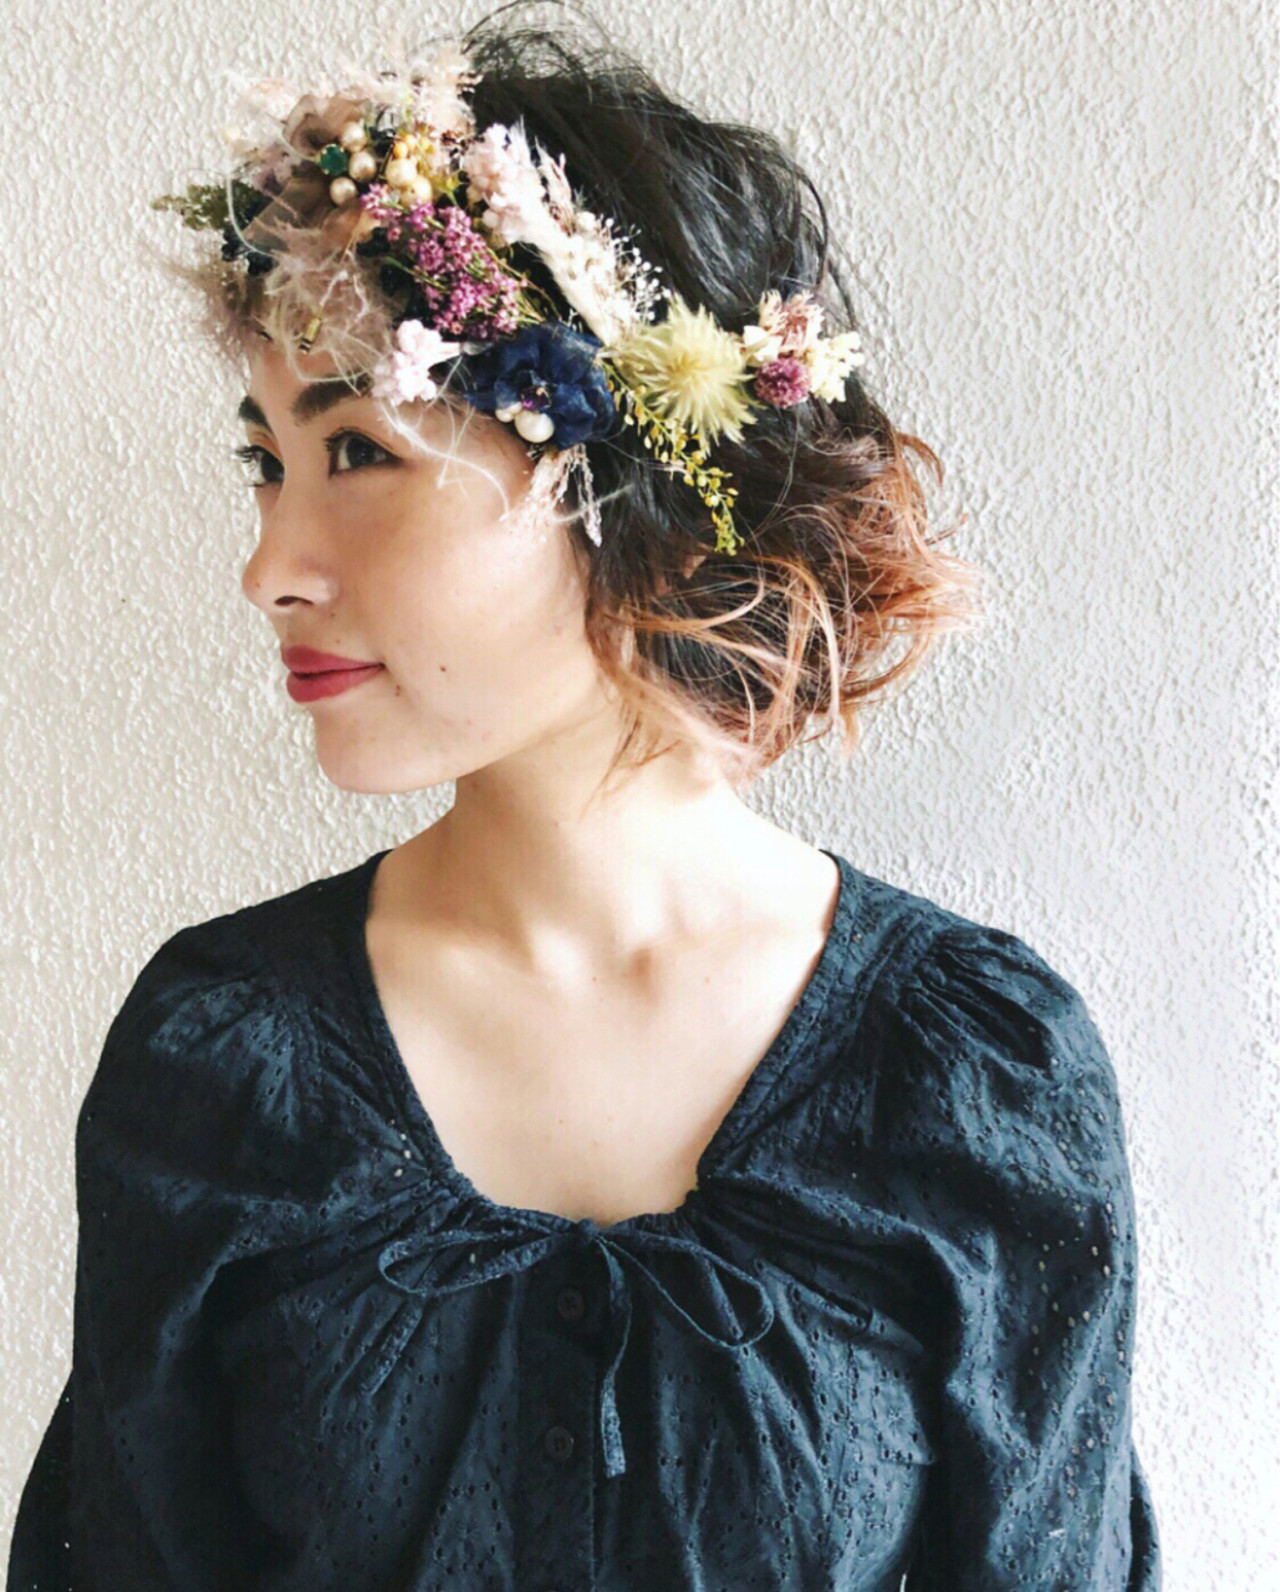 ガーリーで華やかな髪型 tomoya tamada  Bridal hairmake